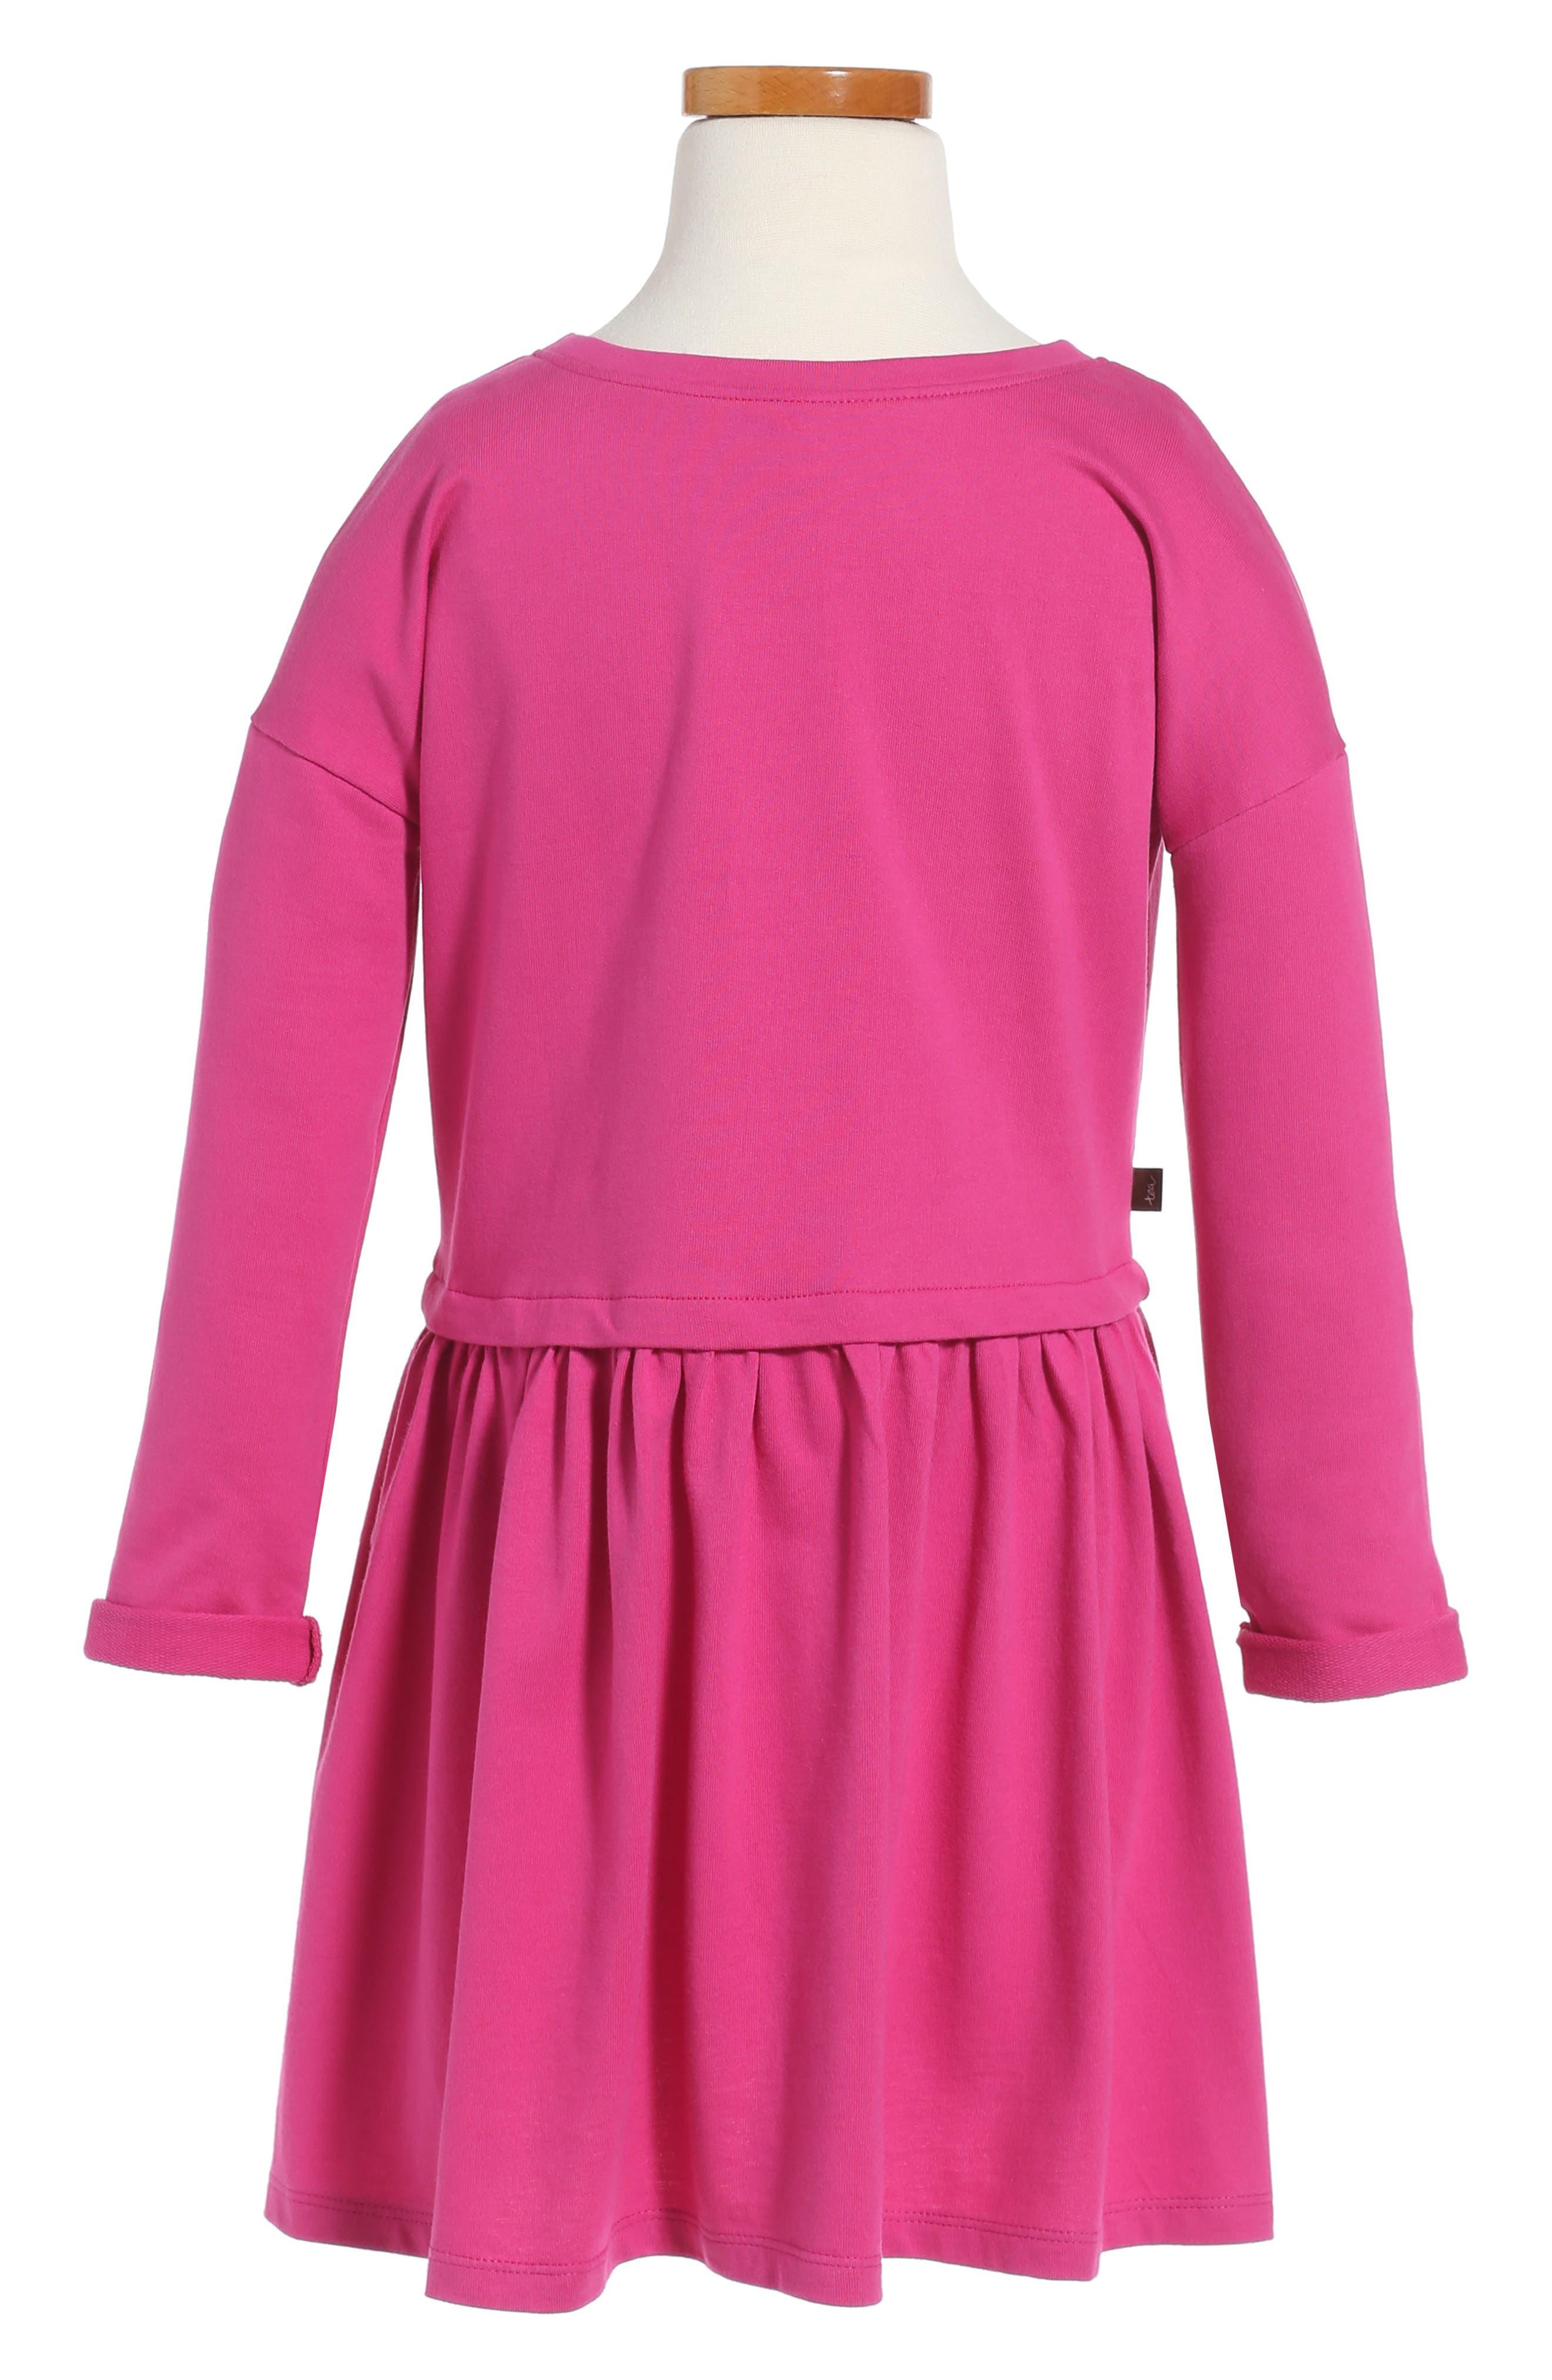 Alternate Image 2  - Tea Collection Solid Pocket Dress (Toddler Girls, Little Girls & Big Girls)